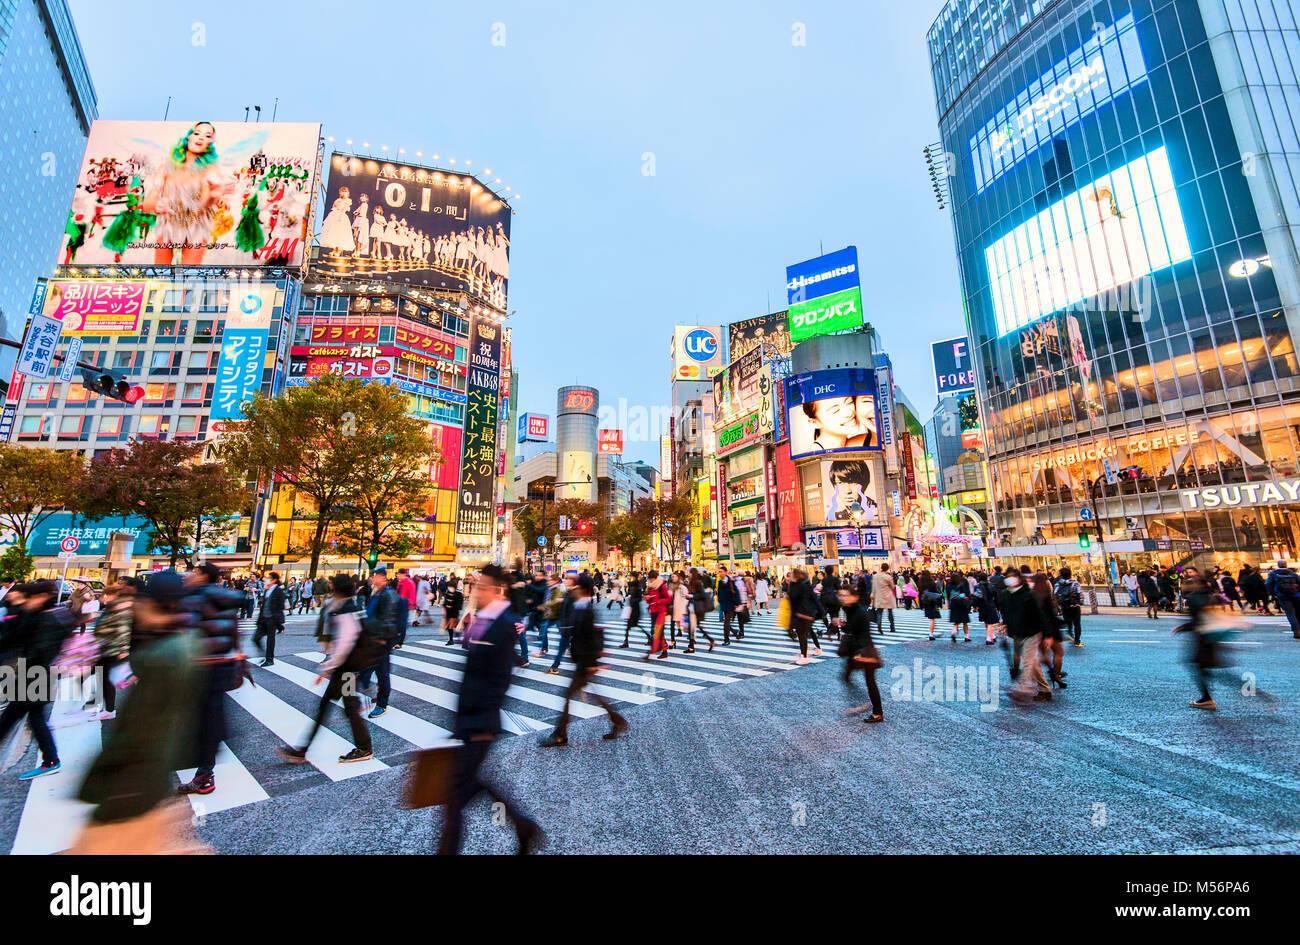 El cruce Shibuya Tokio Japón Hachiko Square Imagen De Stock